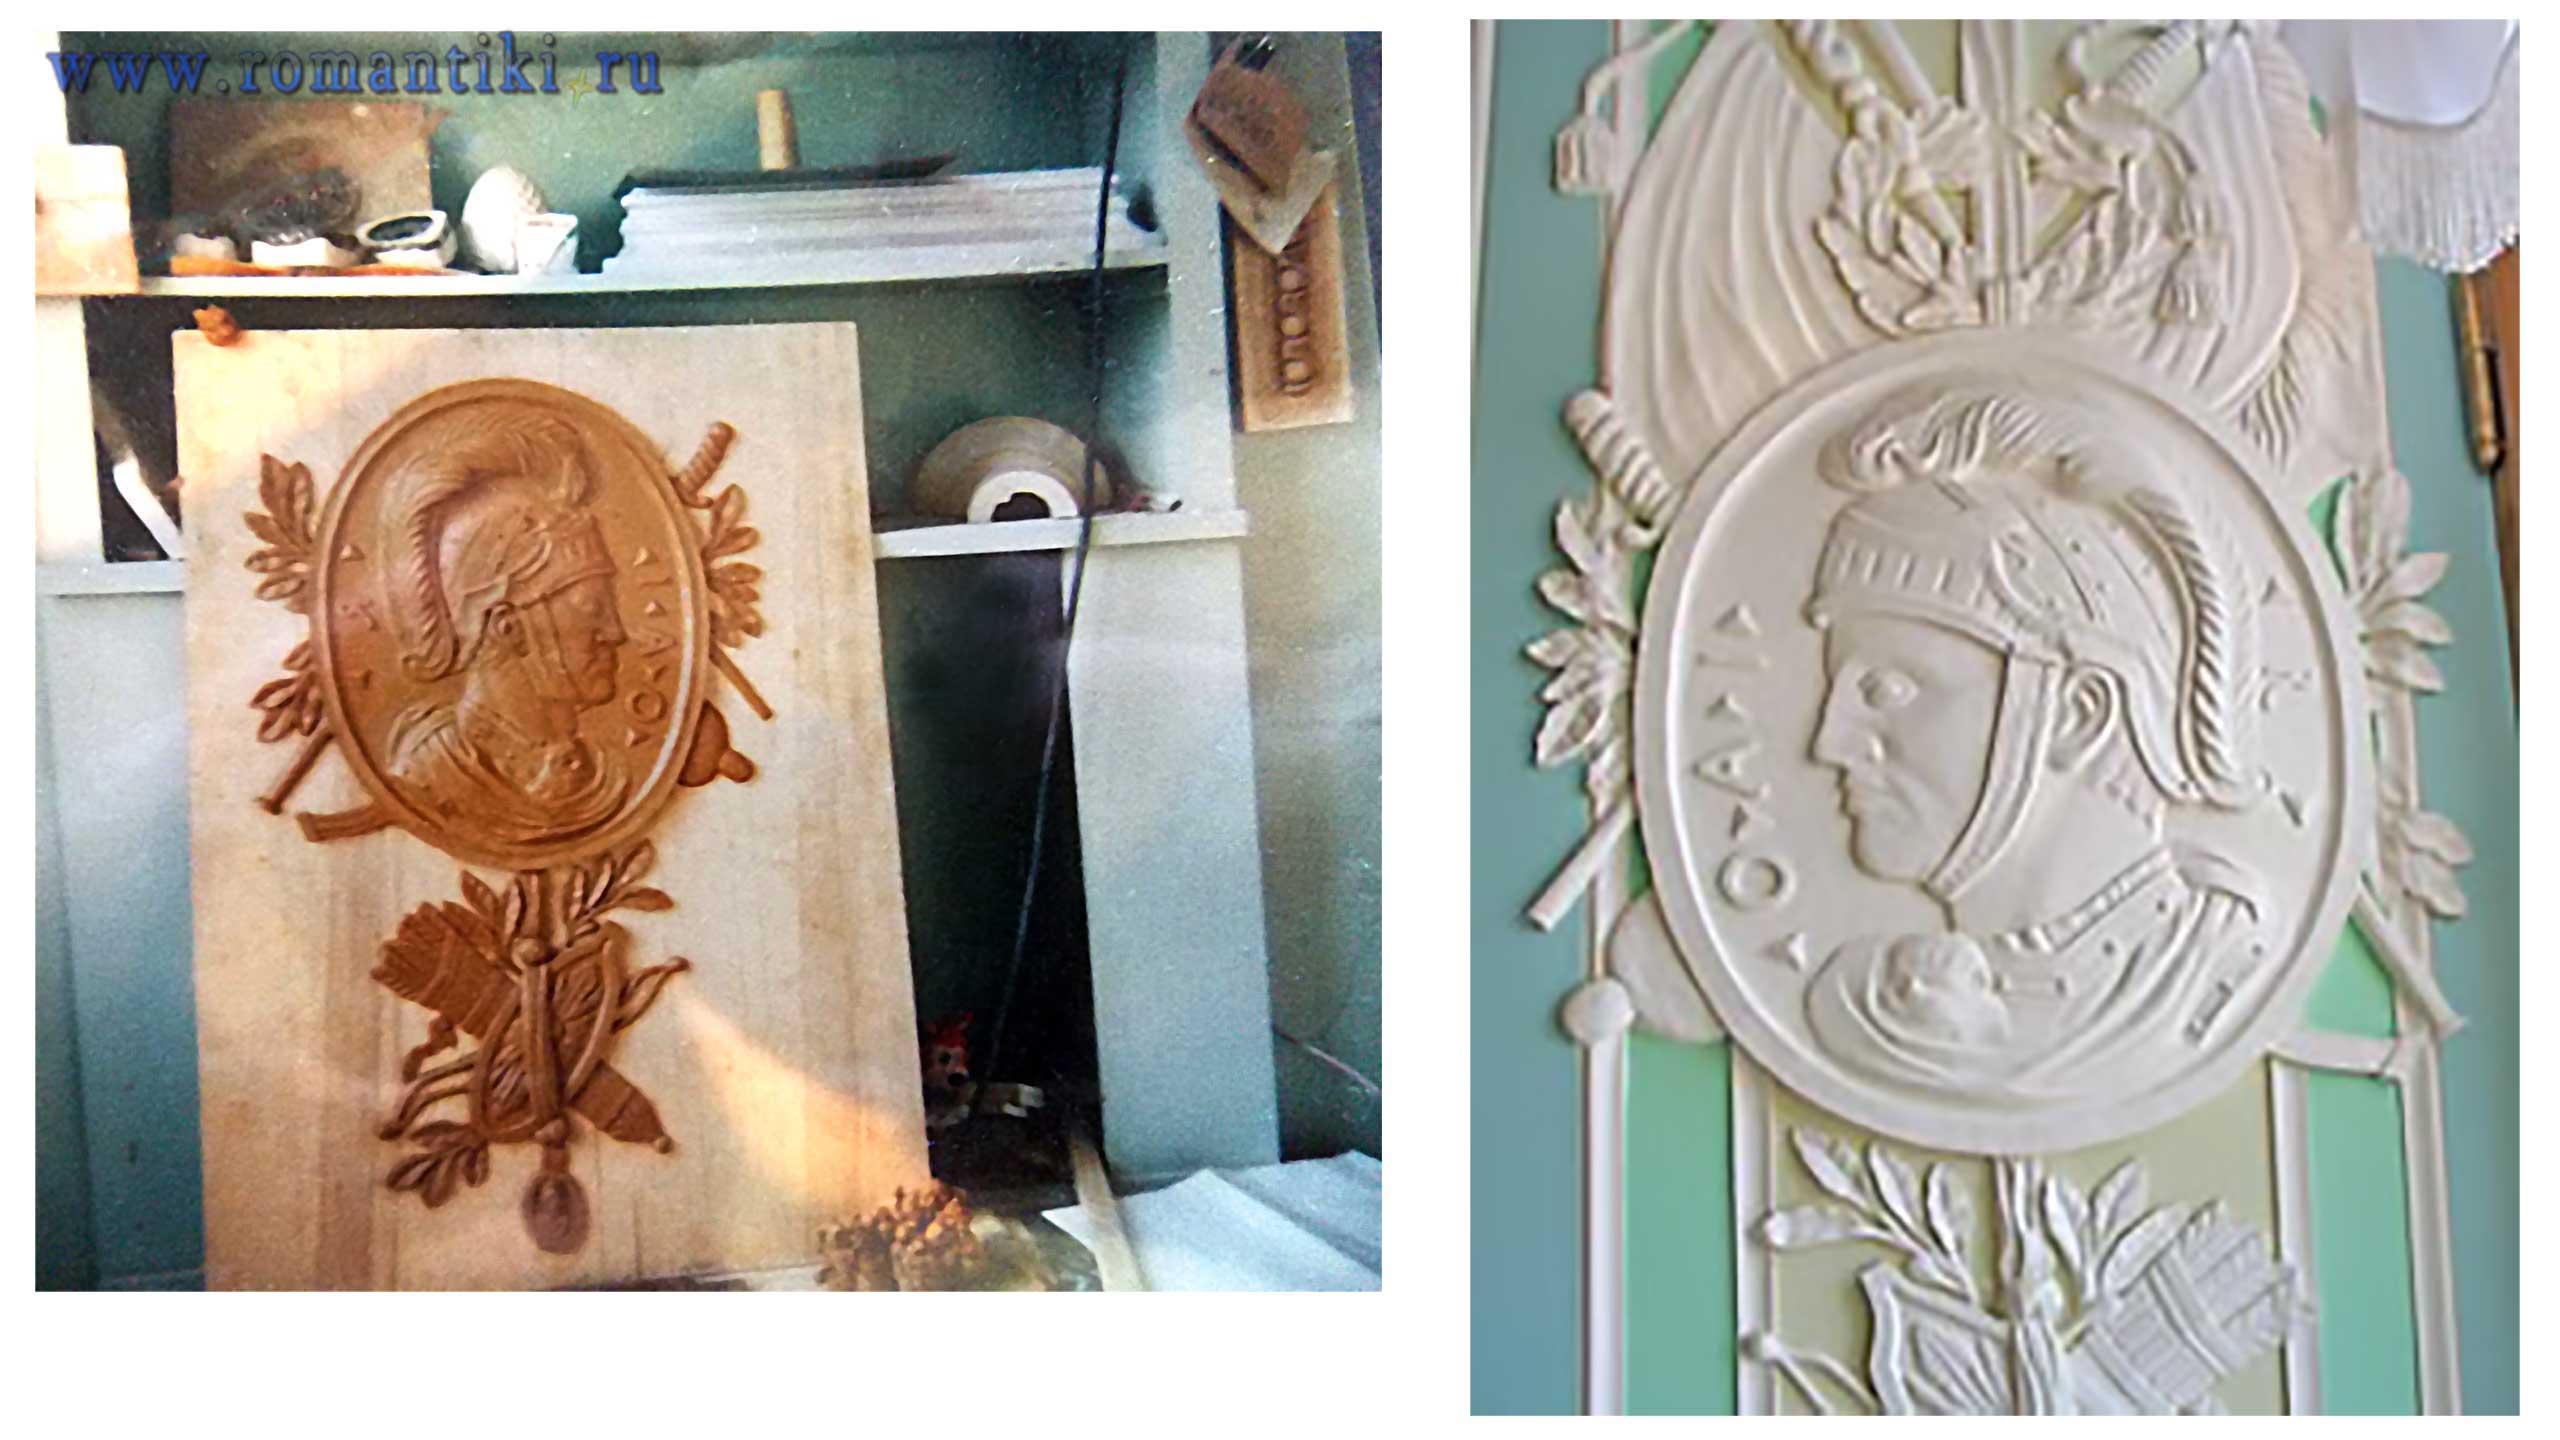 Работа реставратора О.Компаниец в пластилине и готовый вариант. Император Октавиан Август.